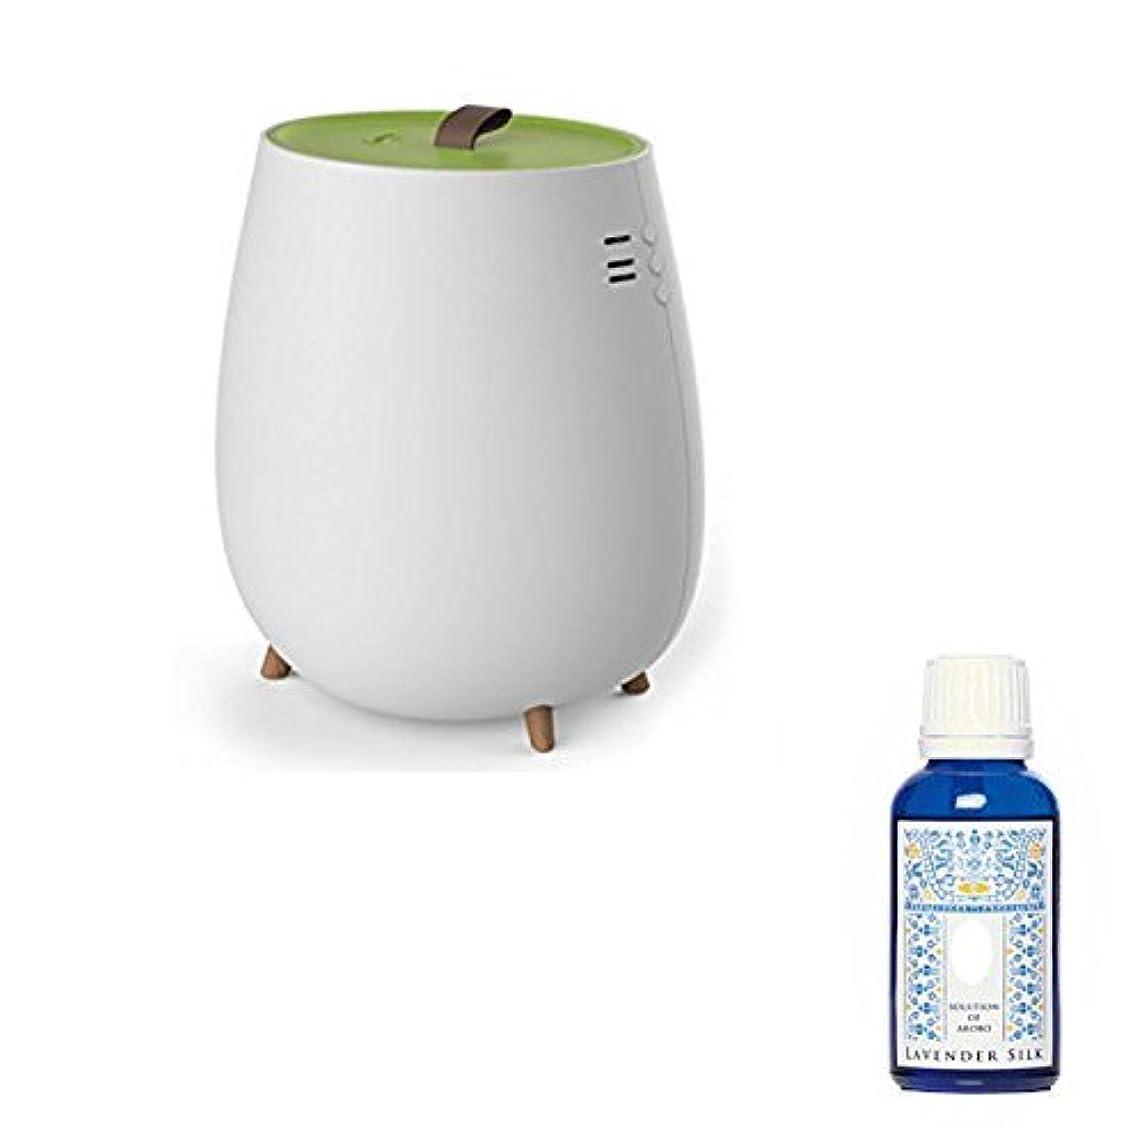 ハッチスキル可能にするアロマ加湿器 超音波加湿器 2.3L セラヴィ アロマソリューション付 CLV-296 グリーン